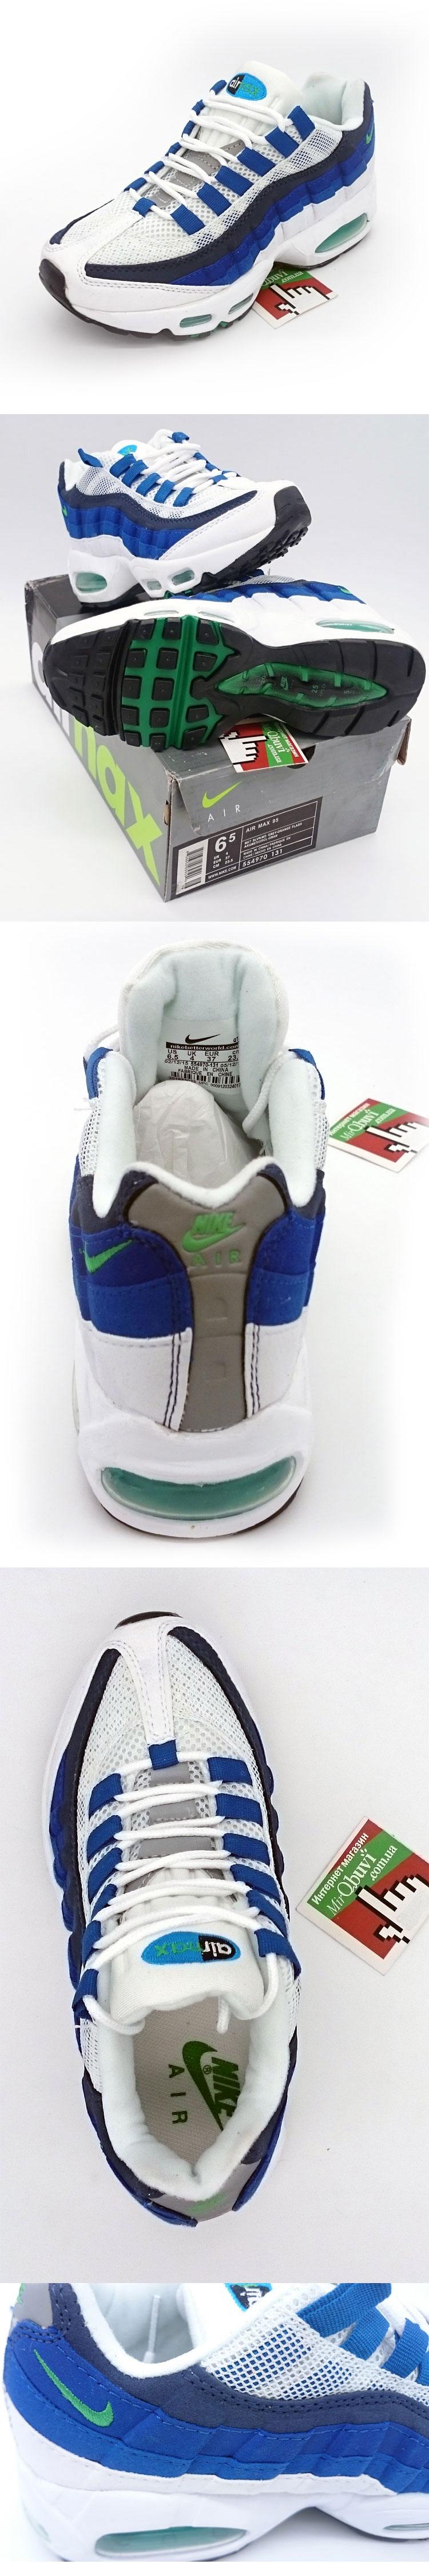 большое фото №5 Женские кроссовки Nike air max 95 Бело Синие. ТОП КАЧЕСТВО!!!